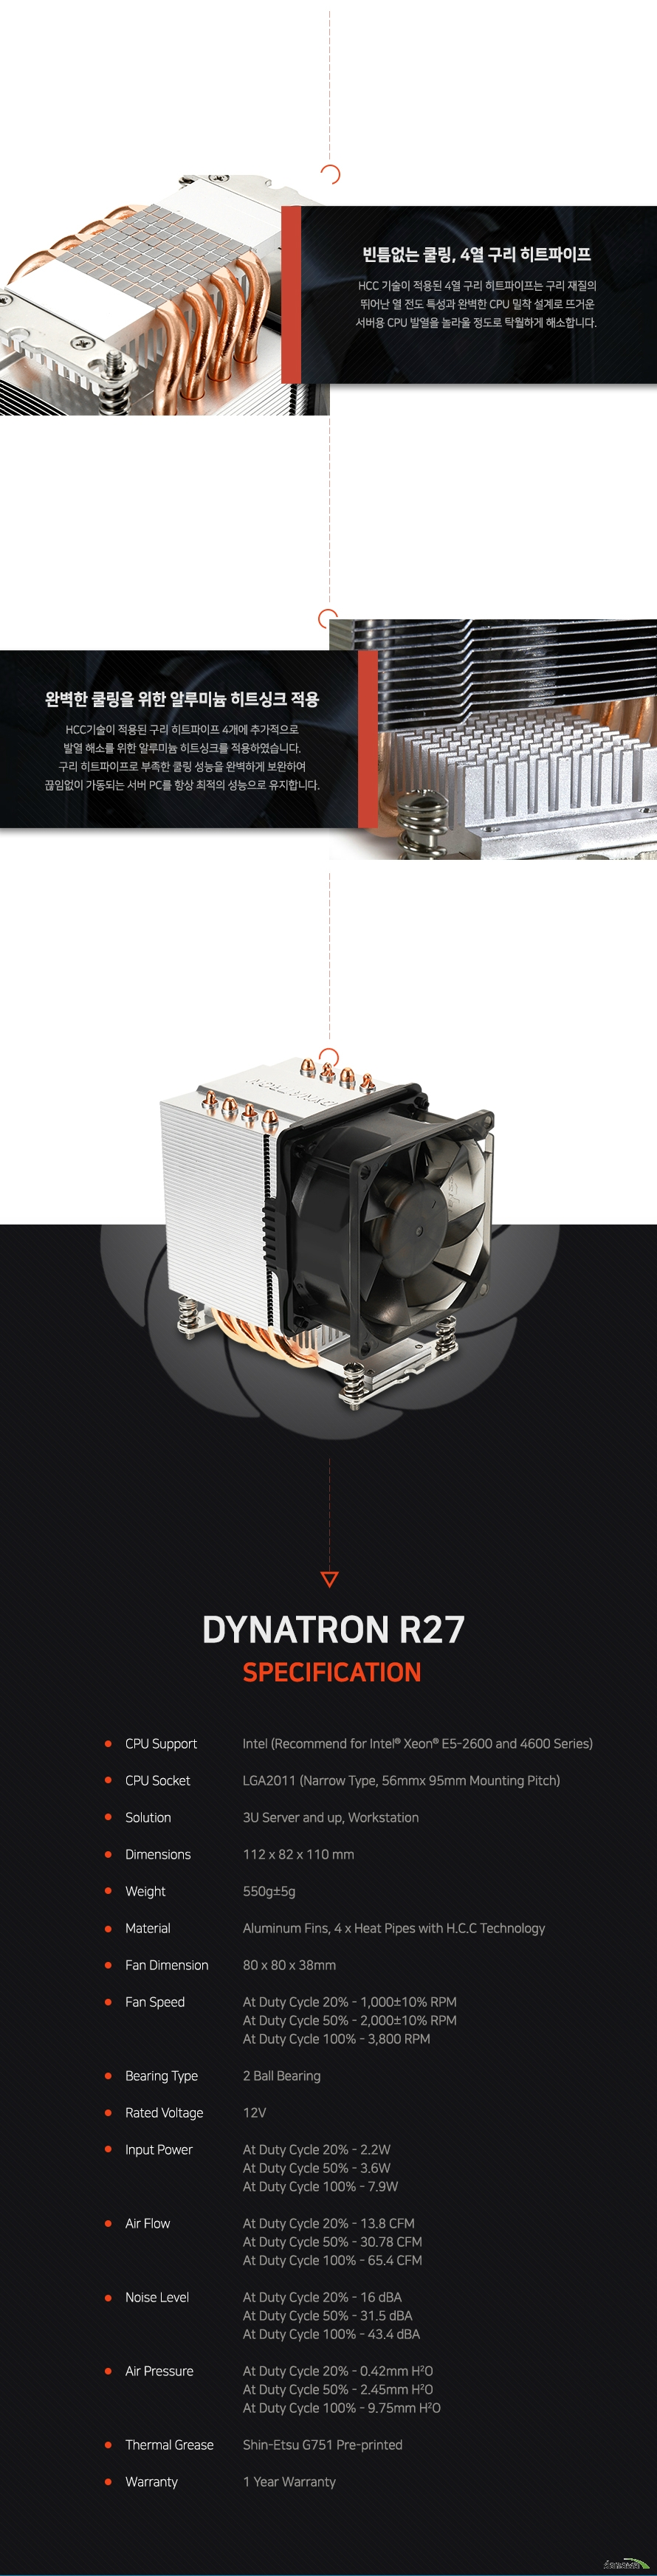 빈틈없는 쿨링 4열 구리 히트파이프        HCC 기술이 적용된 4열 구리 히트파이프는 구리 재질의 뛰어난 열 전도 특성과 완벽한 CPU 밀착 설계로    뜨거운 서버용 CPU발열을 놀라울 정도로 탁월하게 해소합니다.        완벽한 쿨링을 위한 알루미늄 히트싱크 적용        HCC기술이 적용된 구리 히트파이프 4개에 추가적으로 발열 해소를 위한 알루미늄 히트싱크를 적용하였습니다. 구리 히트파이프로 부족한 쿨링성능을 완벽하게 보완하여 끊임없이 가동되는 서버 PC를    항상 최적의 성능으로 유지합니다.                DYNATRON R27     SPECIFICATION        CPU SUPPORT    INTEL RECOMMAND FOR INTEL XEON E5 2600 AND 4600 SERIES        CPU SOCKET    LGA 2011 NARROW TYPE 56MM 95MM MOUNTING PITCH        SOLUTION    3U SERVER AND UP WORKSTATION        DIMENSIONS 112 82 110MM        WEIGHT 550G +- 5G        MATERIAL         ALUMINUM FINS AND 4 HEAT PIPES WITH HCC TECHNOLOGY        FAN DIMENSION 80 80 38MM        FAN SPEED        AT DUTY CYCLE 20% 1000+-10% RPM    AT DUTY CYCLE 50% 2000+-10% RPM    AT DUTY CYCLE 100% 3800 RPM        BEARING TYPE 2 BALL BEARING        RATED VOLTAGE 12V        INPUT POWER        AT DUTY CYCLE 20% 2.2 WATTS    AT DUTY CYCLE 50% 3.6 WATTS    AT DUTY CYCLE 100% 7.9 WATTS        AIR FLOW        AT DUTY CYCLE 20% 13.8 CFM    AT DUTY CYCLE 50% 30.78 CFM    AT DUTY CYCLE 100% 65.4 CFM        NOISE LEVEL        AT DUTY CYCLE 20% 16 DBA    AT DUTY CYCLE 50% 31.5 DBA    AT DUTY CYCLE 100% 43.4 DBA        AIR PRESSURE        AT DUTY CYCLE 20% 0.42MM H2O    AT DUTY CYCLE 50% 2.45MM H2O    AT DUTY CYCLE 100% 9.75MM H2O        THERMAL GREASE SHIN ETSU G751 PRE PRINTED        WARRANTY 1 YEAR WARRANTY